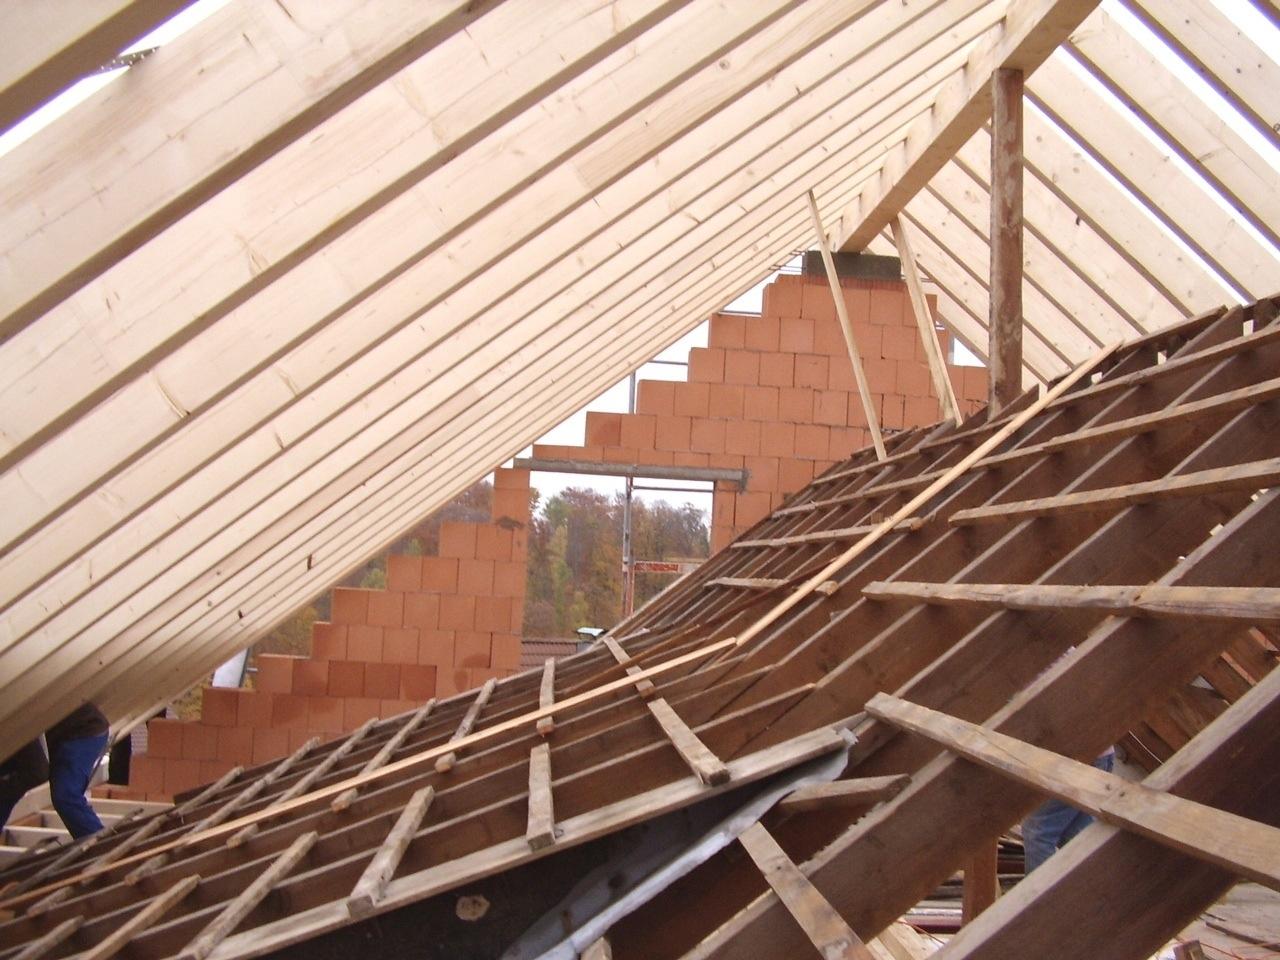 Dach im Dach, irgendwas stört da